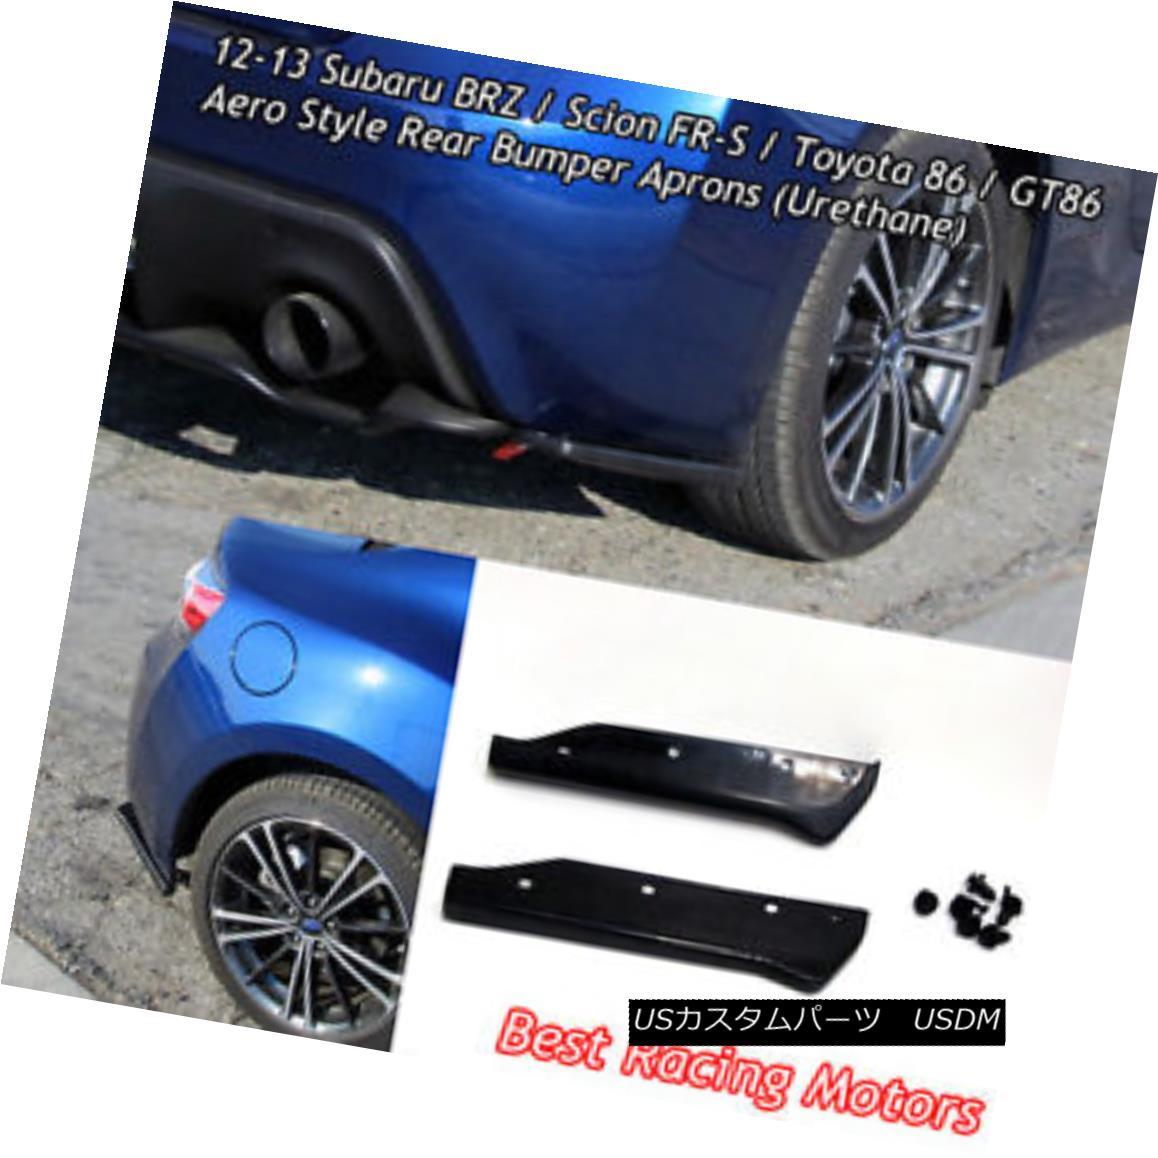 エアロパーツ Aero Style Rear Bumper Aprons (Urethane) Fits 12-18 Scion FR-S / Toyota 86 エアロスタイルのリアバンパーエプロン(ウレタン)が12-18サイオンFR-S /トヨタ86に適合